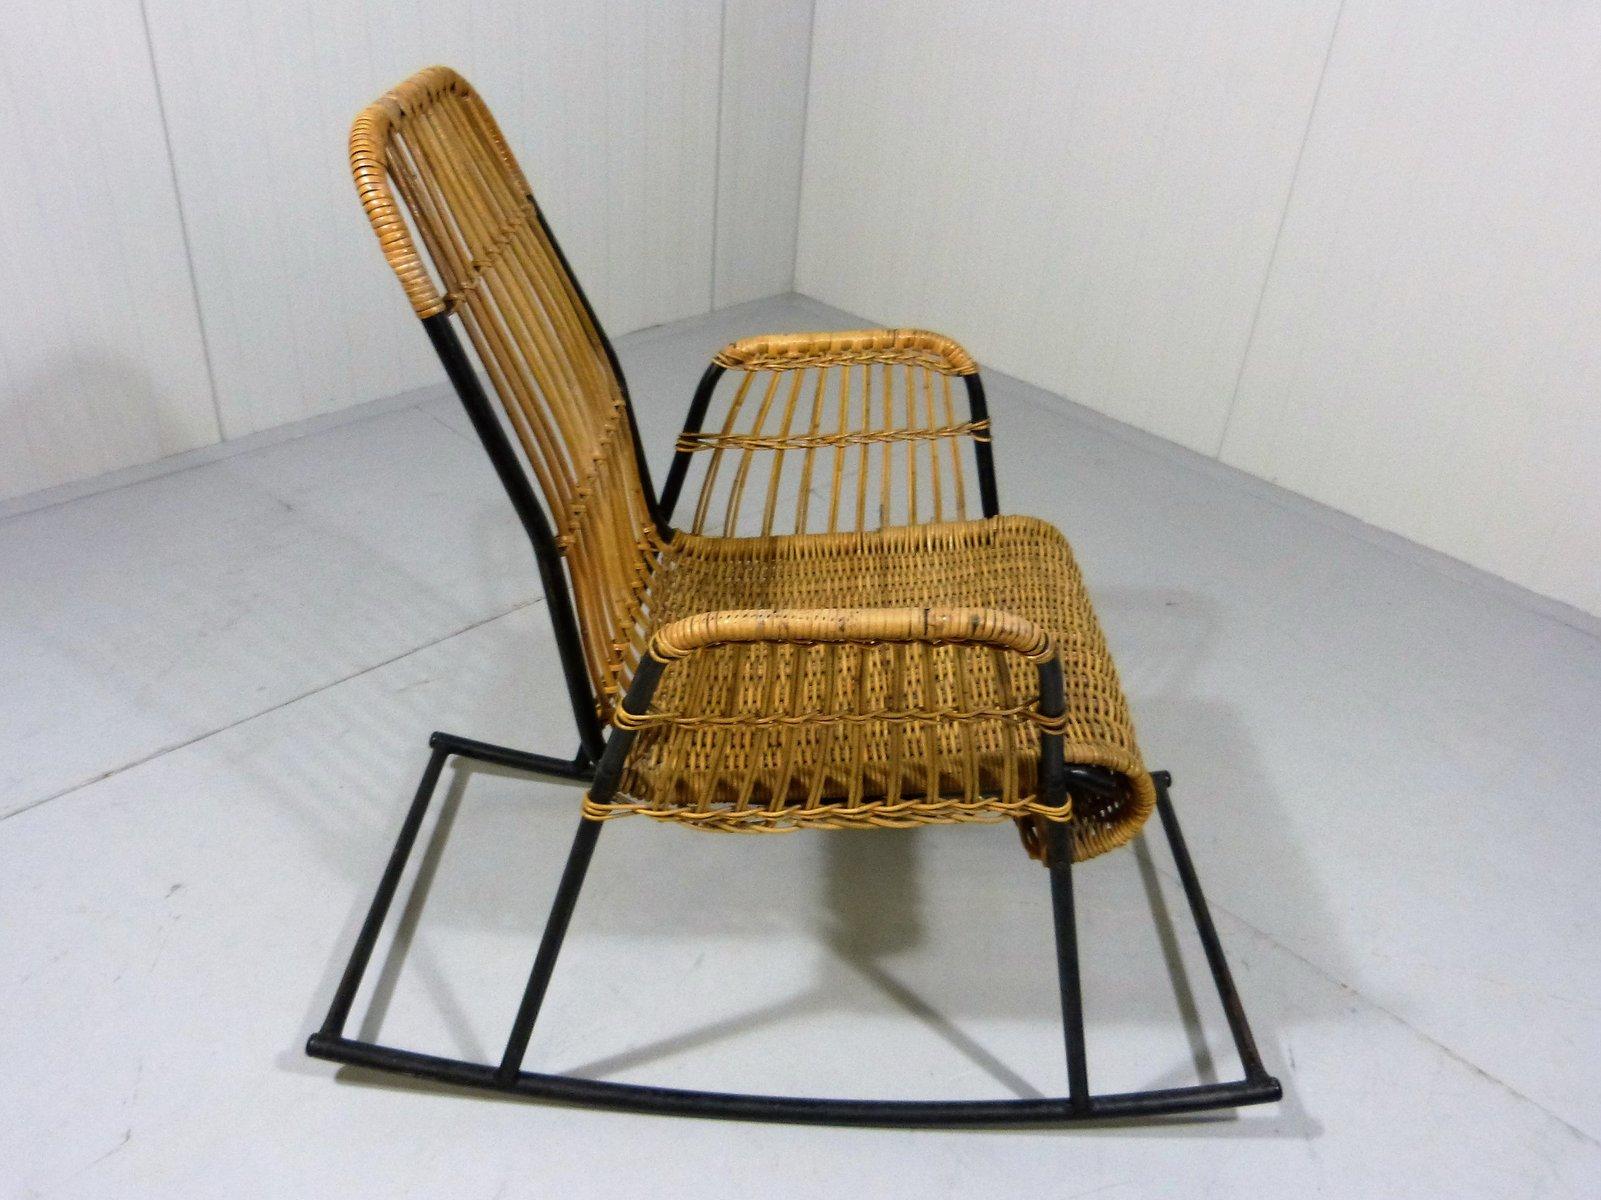 Vintage rattan rocking chair - Vintage Rattan Steel Rocking Chair 11 945 00 Price Per Piece